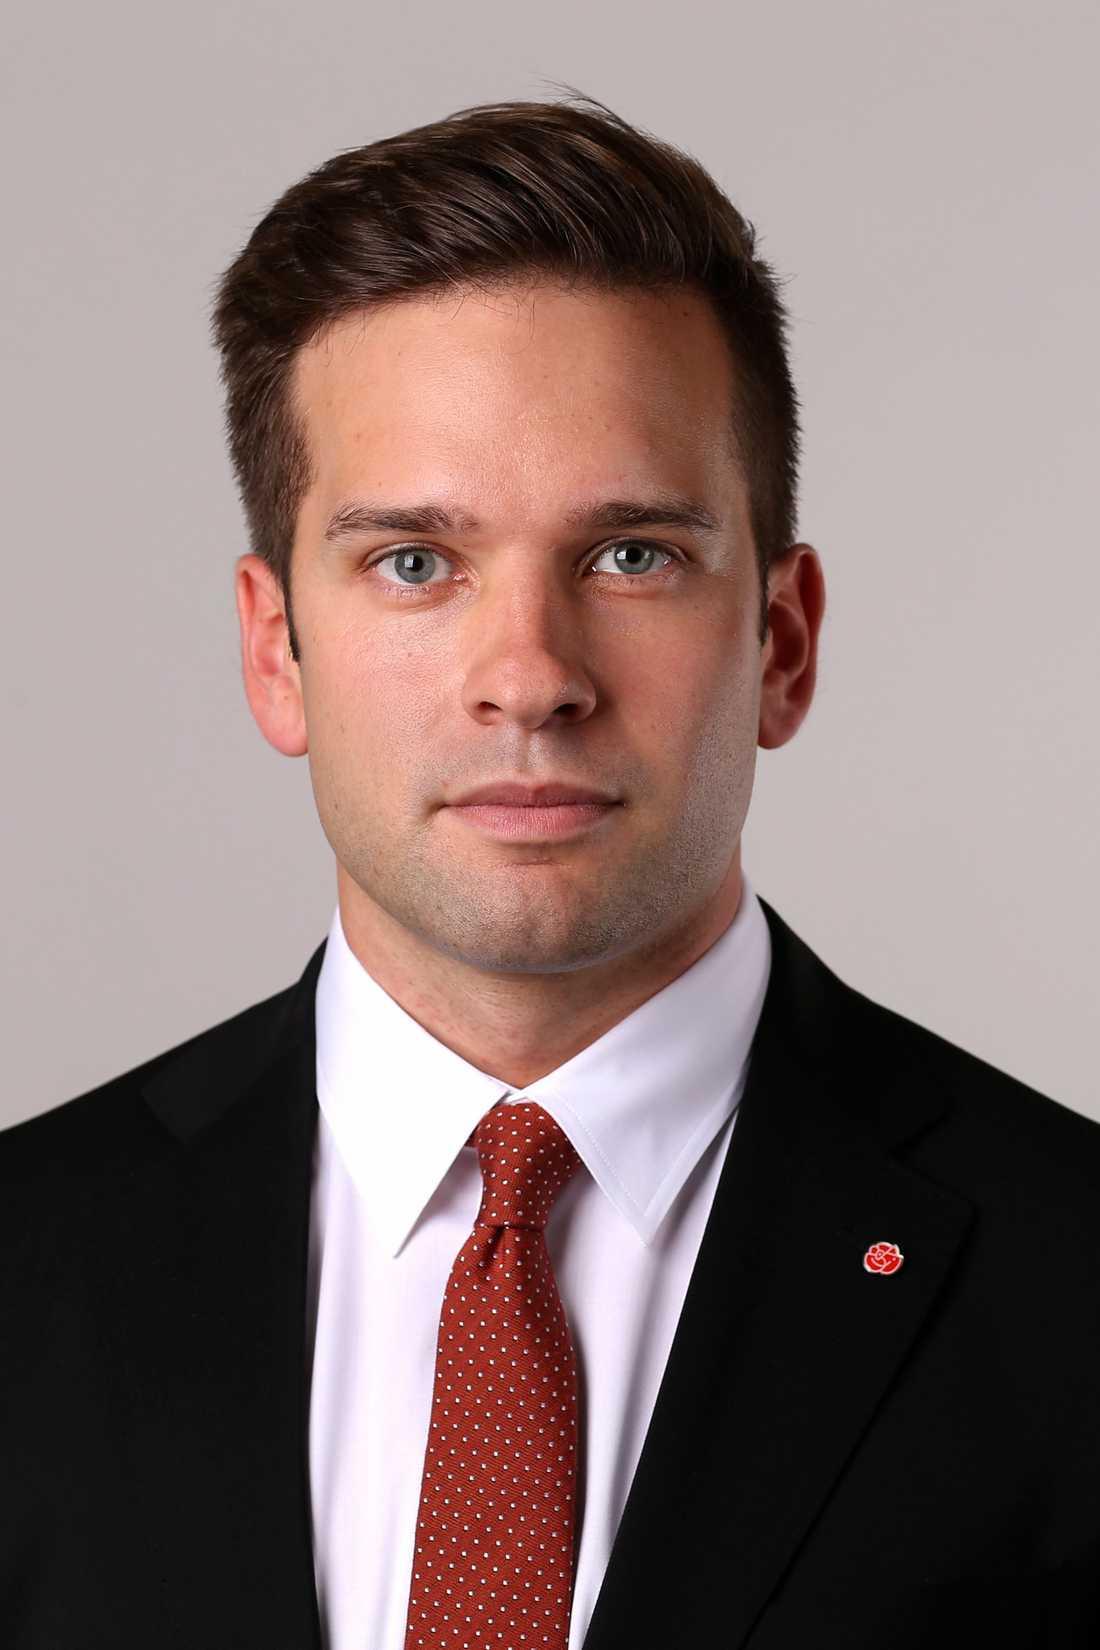 SNYGGMINISTERN Nyblivne hälsoministern Gabriel Wikström (S) har utpekats som världens sexigaste minister. En hedrande titel tycker han själv.